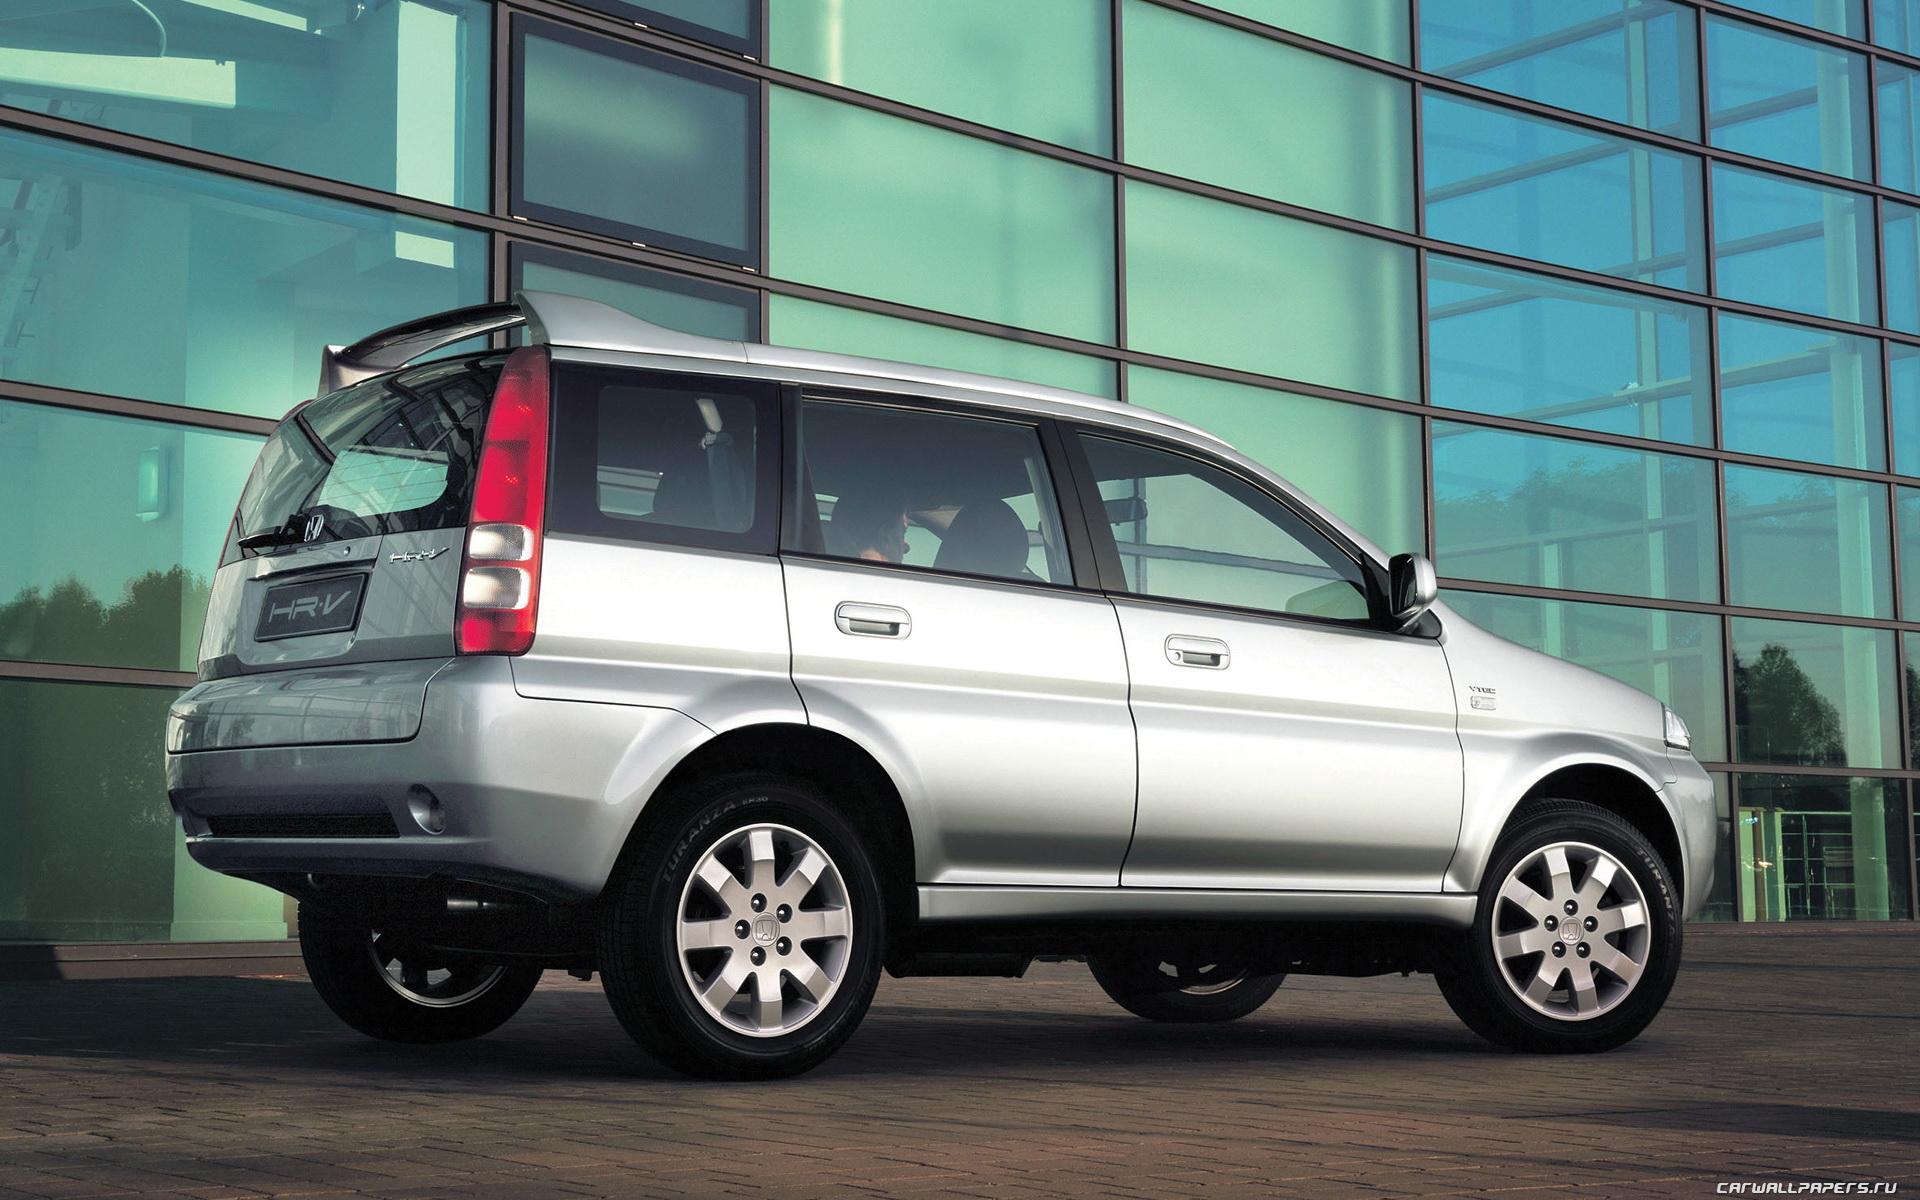 Honda Vezel to be named HR-V?